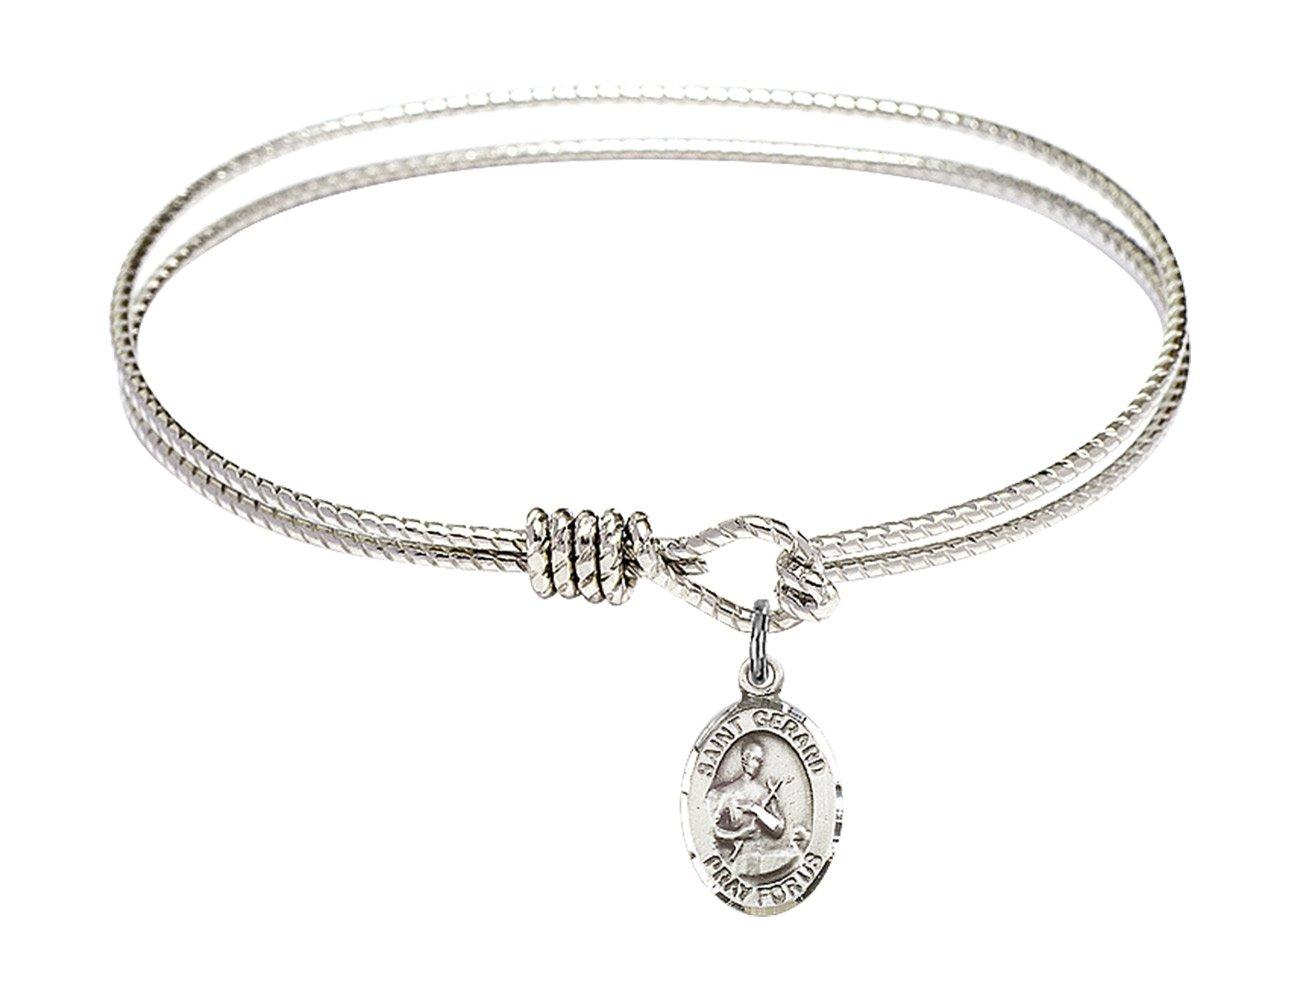 6 1/4 inch Oval Eye Hook Bangle Bracelet w/ St. Gerard Majella in Sterling Silver